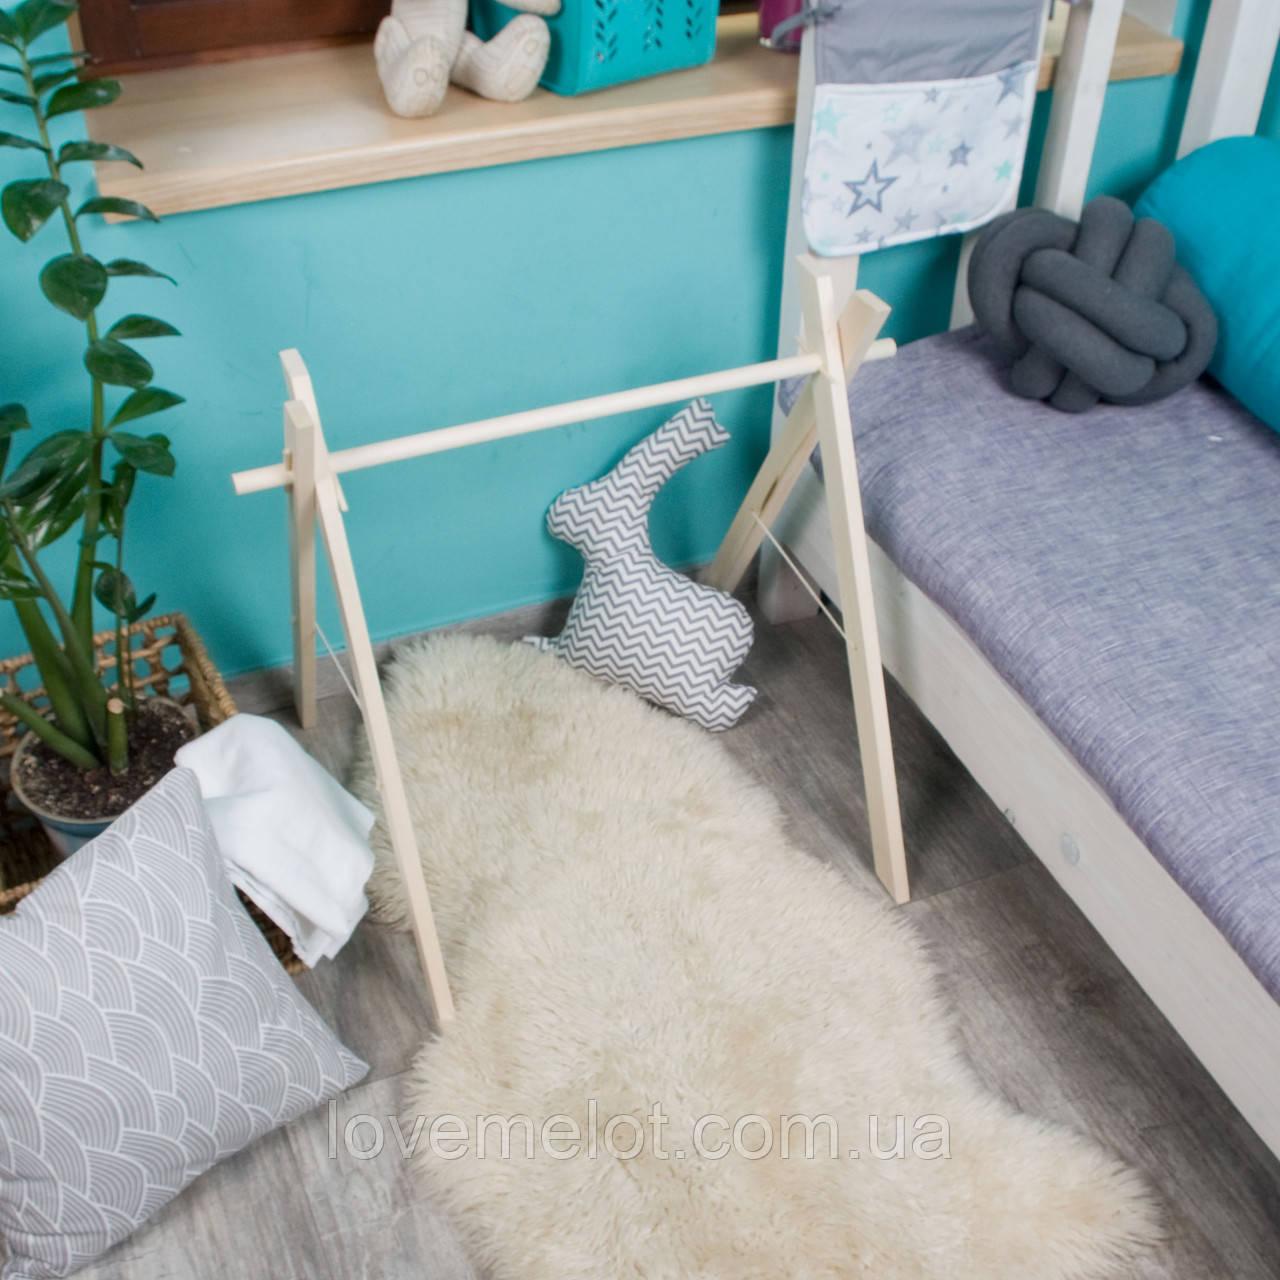 Детский деревянный напольный мобиль для новорожденных игровая зона для ребенка с рождения и до 8 месяцев